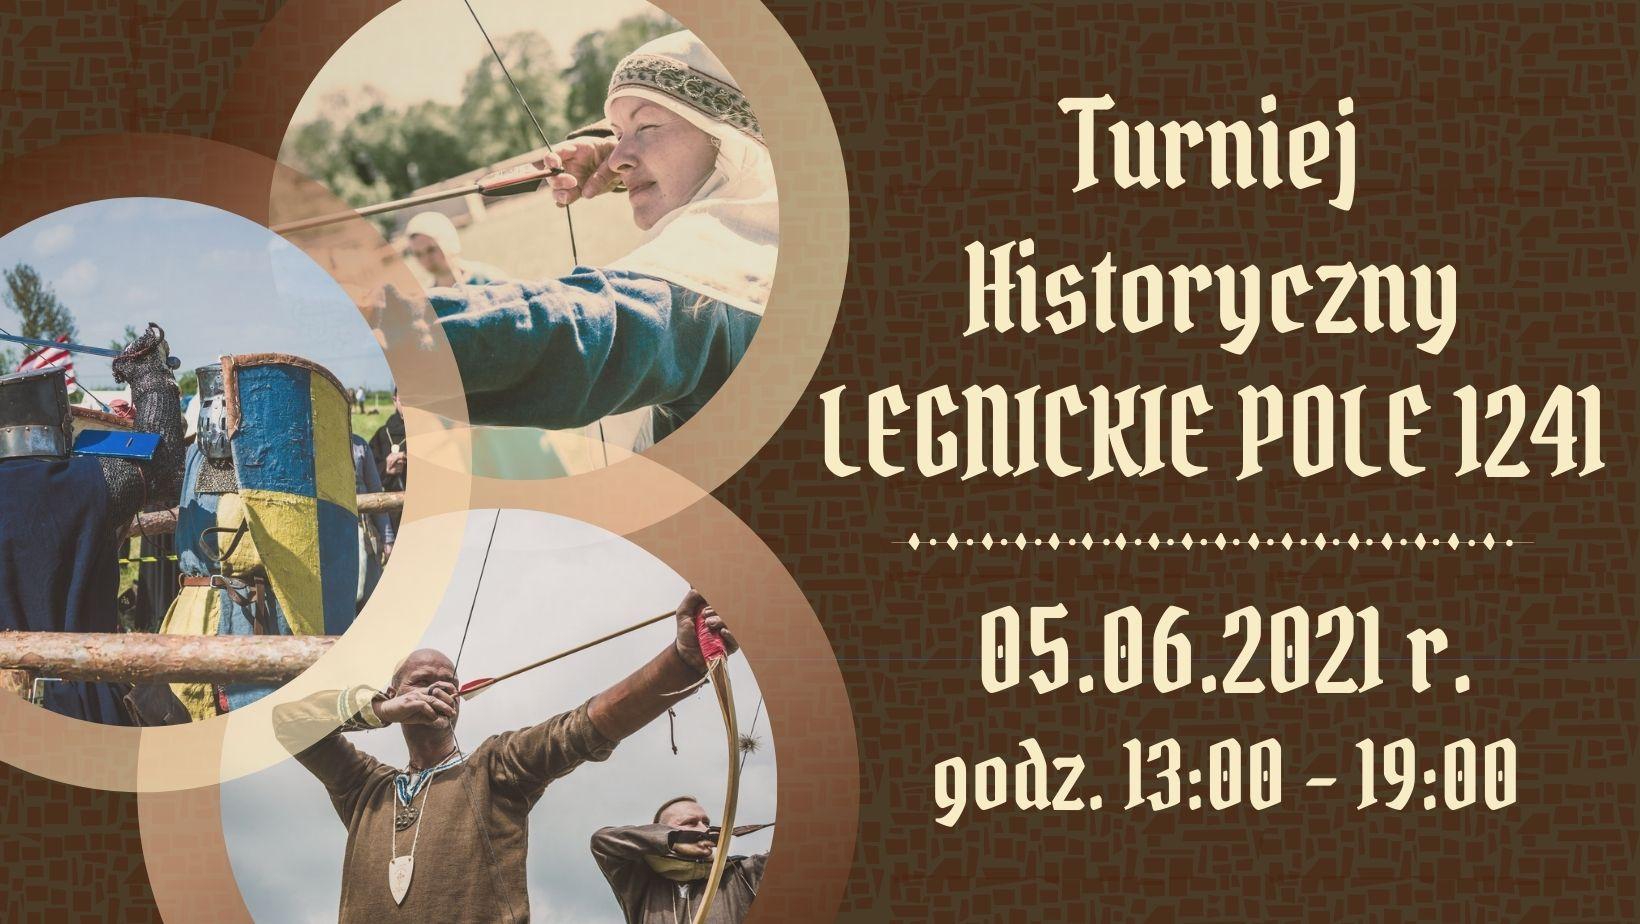 plakat odnośnie wydarzenia turniej historyczny legnickie pole 1241